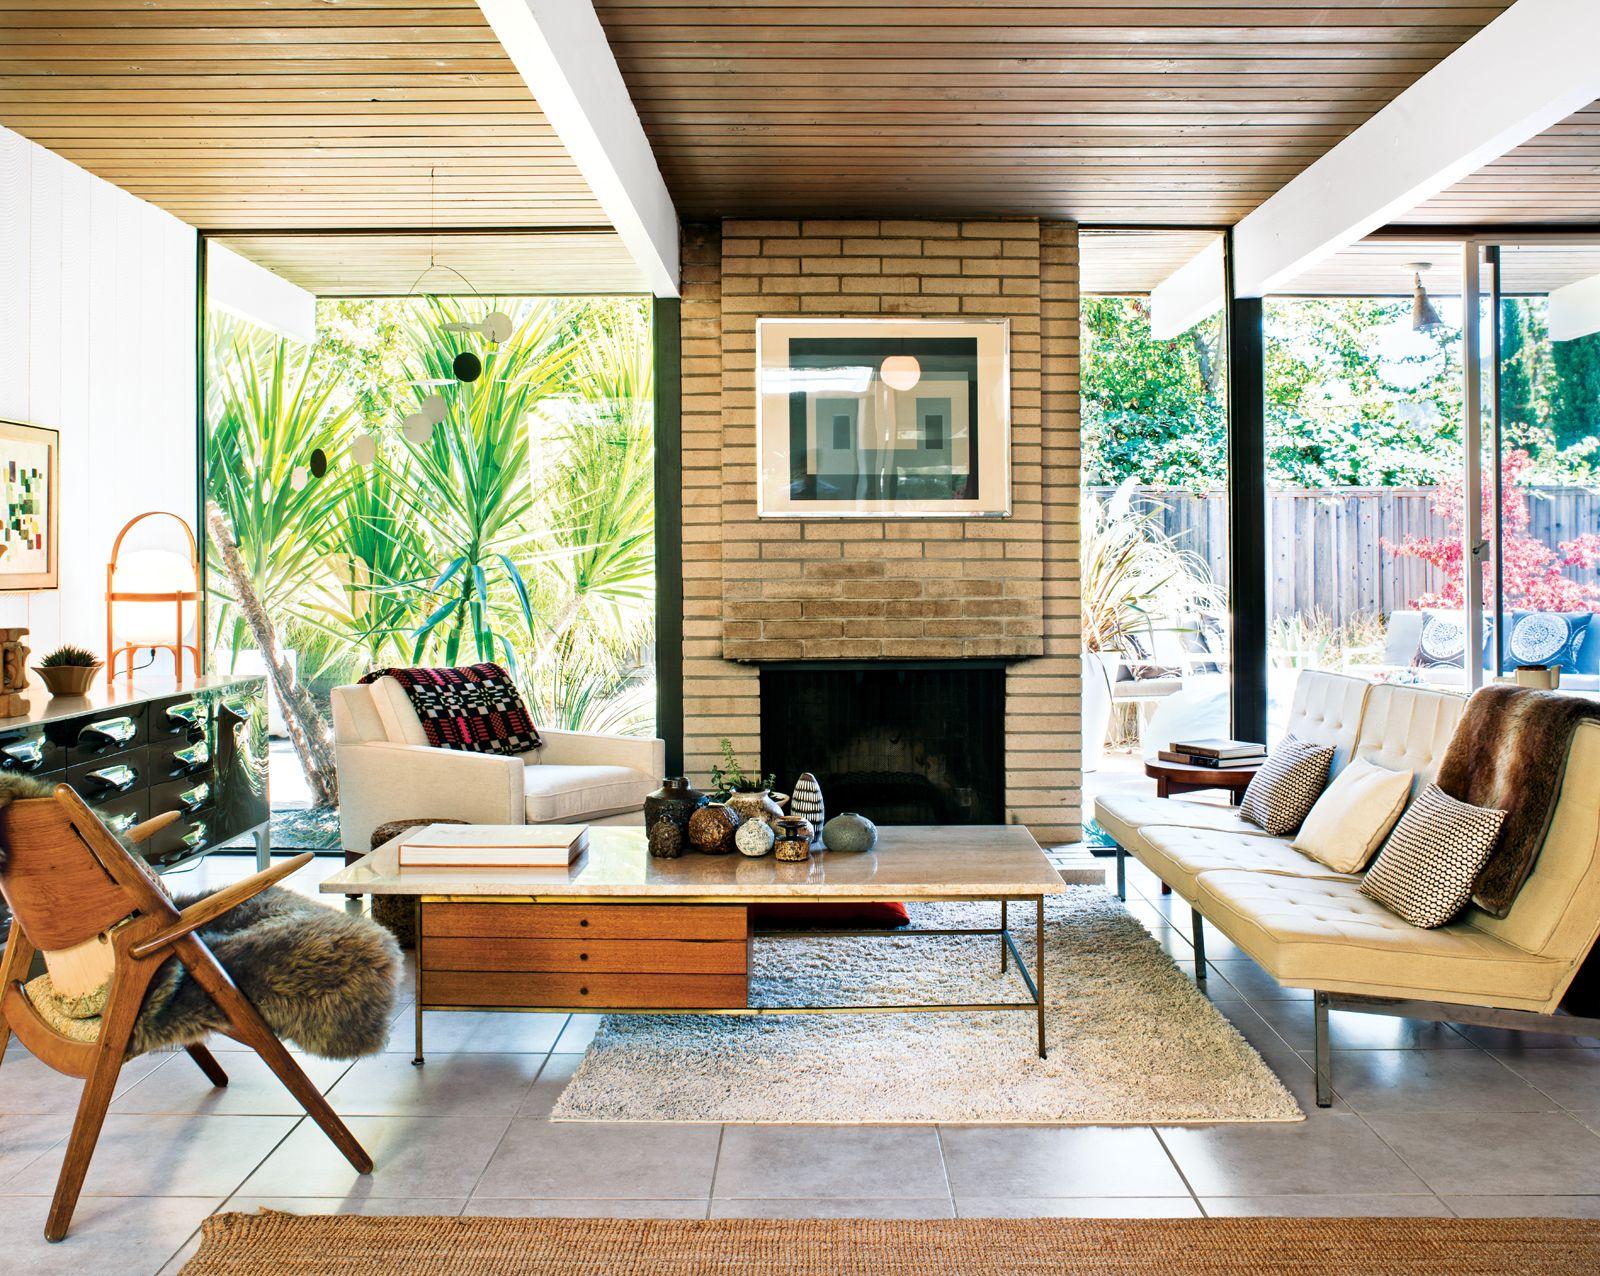 Vintage mitte jahrhundert wohnzimmer modern furniture fit for a classic eichler  dwell  interior